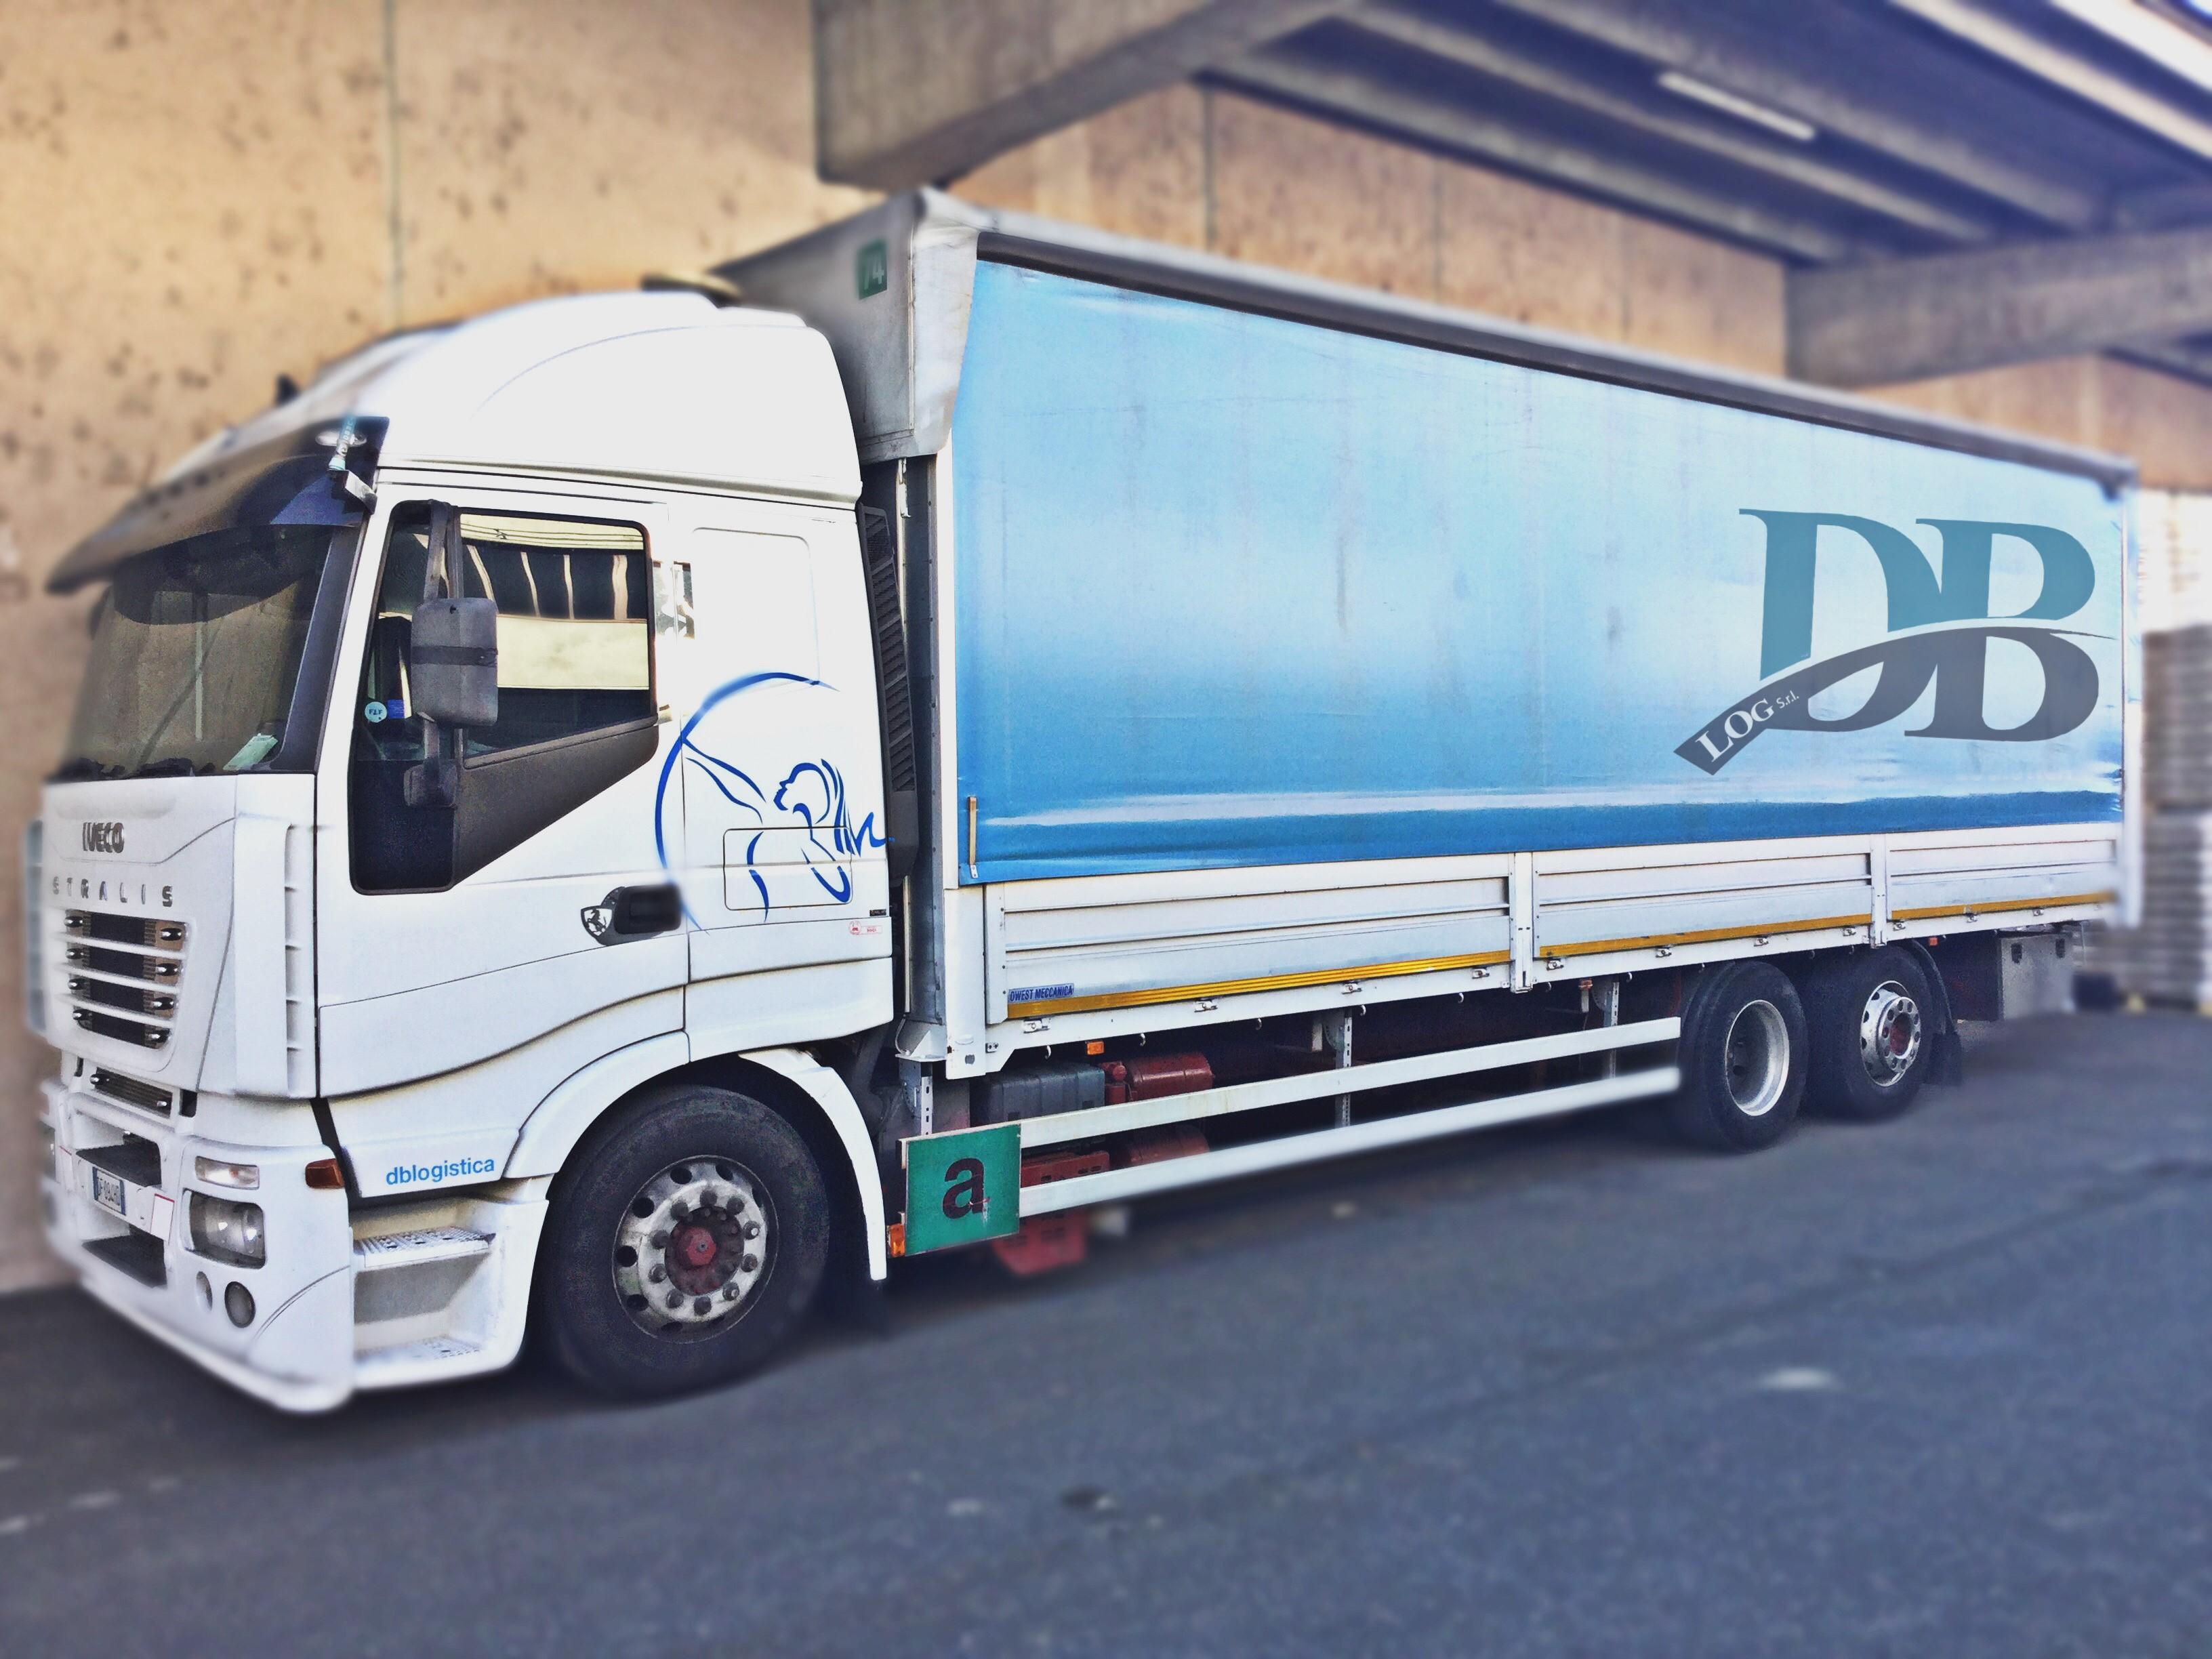 Transport logistics Turin DB LOG